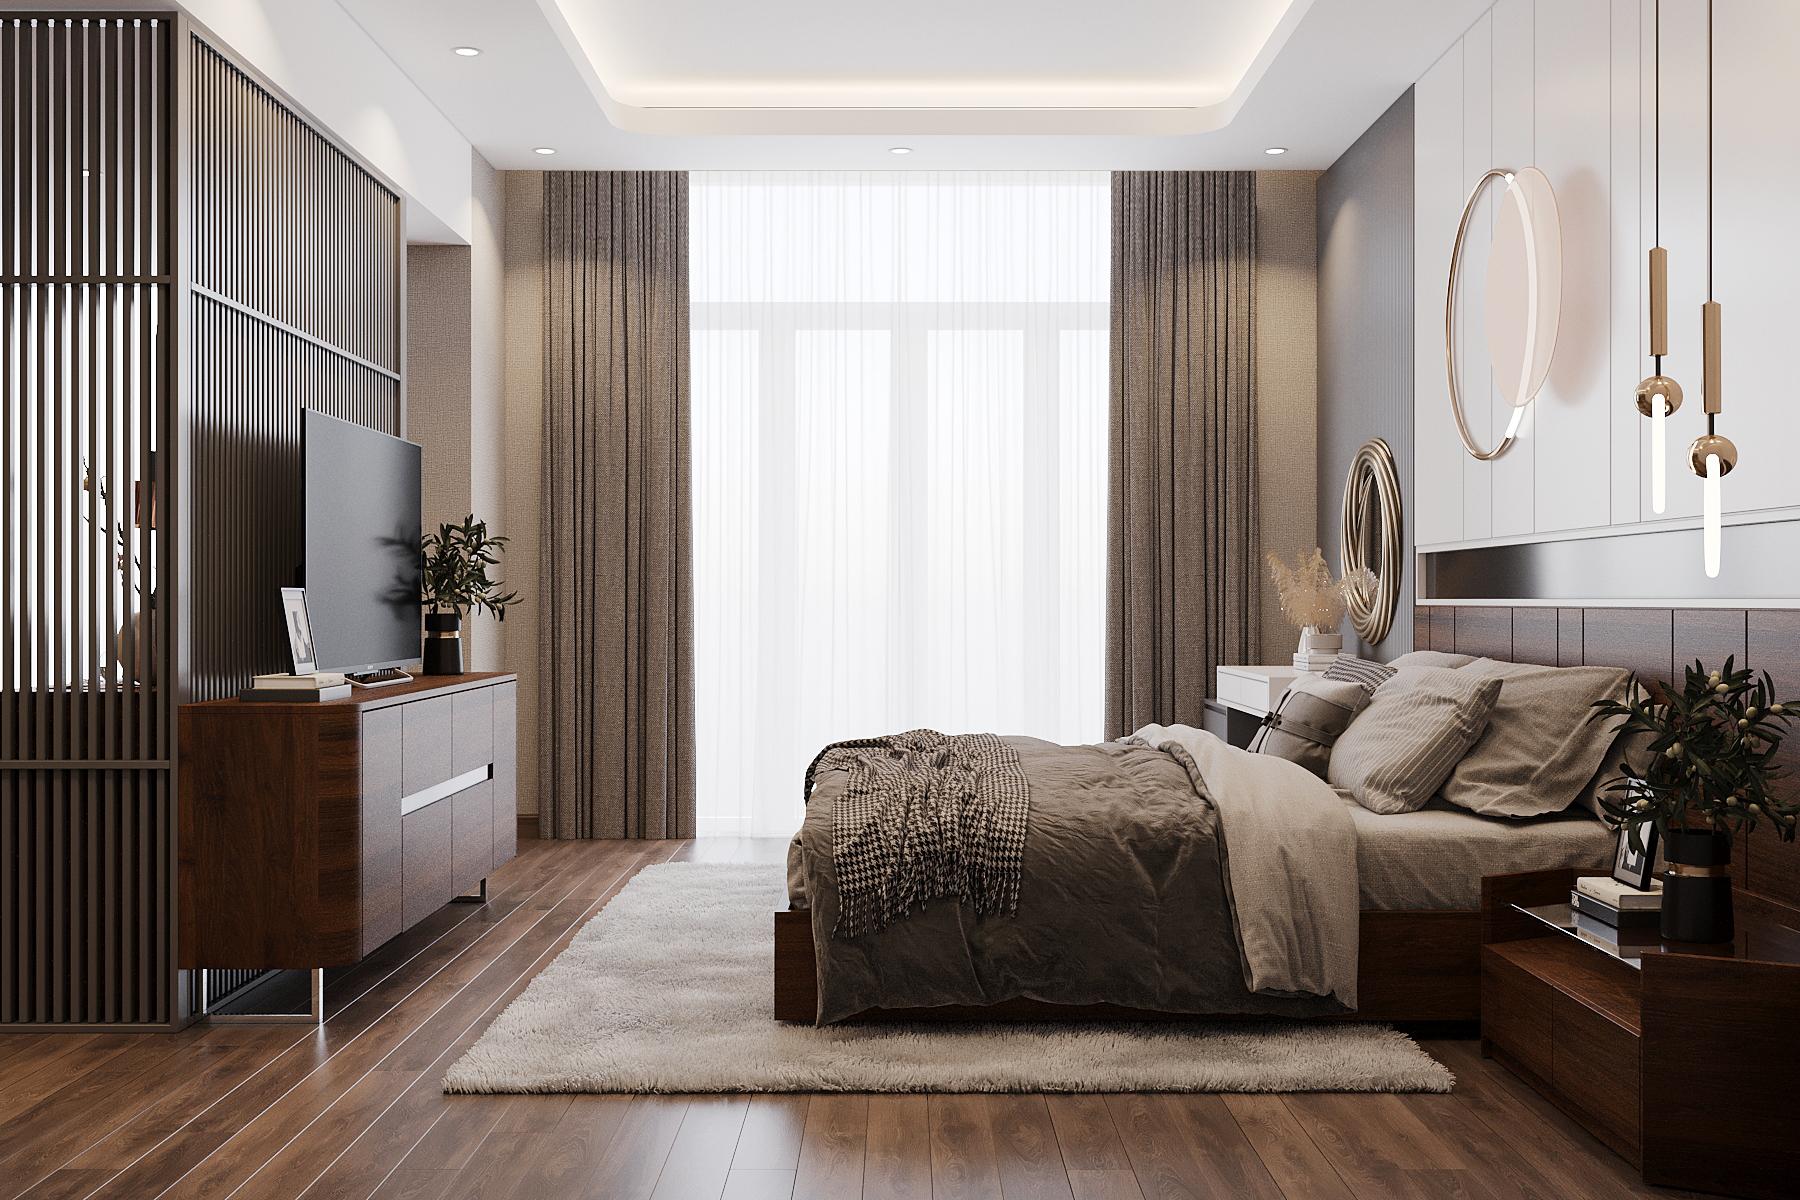 Thiết kế nội thất Nhà tại Quảng Ninh nhà lô anh Hiếu Uông Bí 1627033789 3